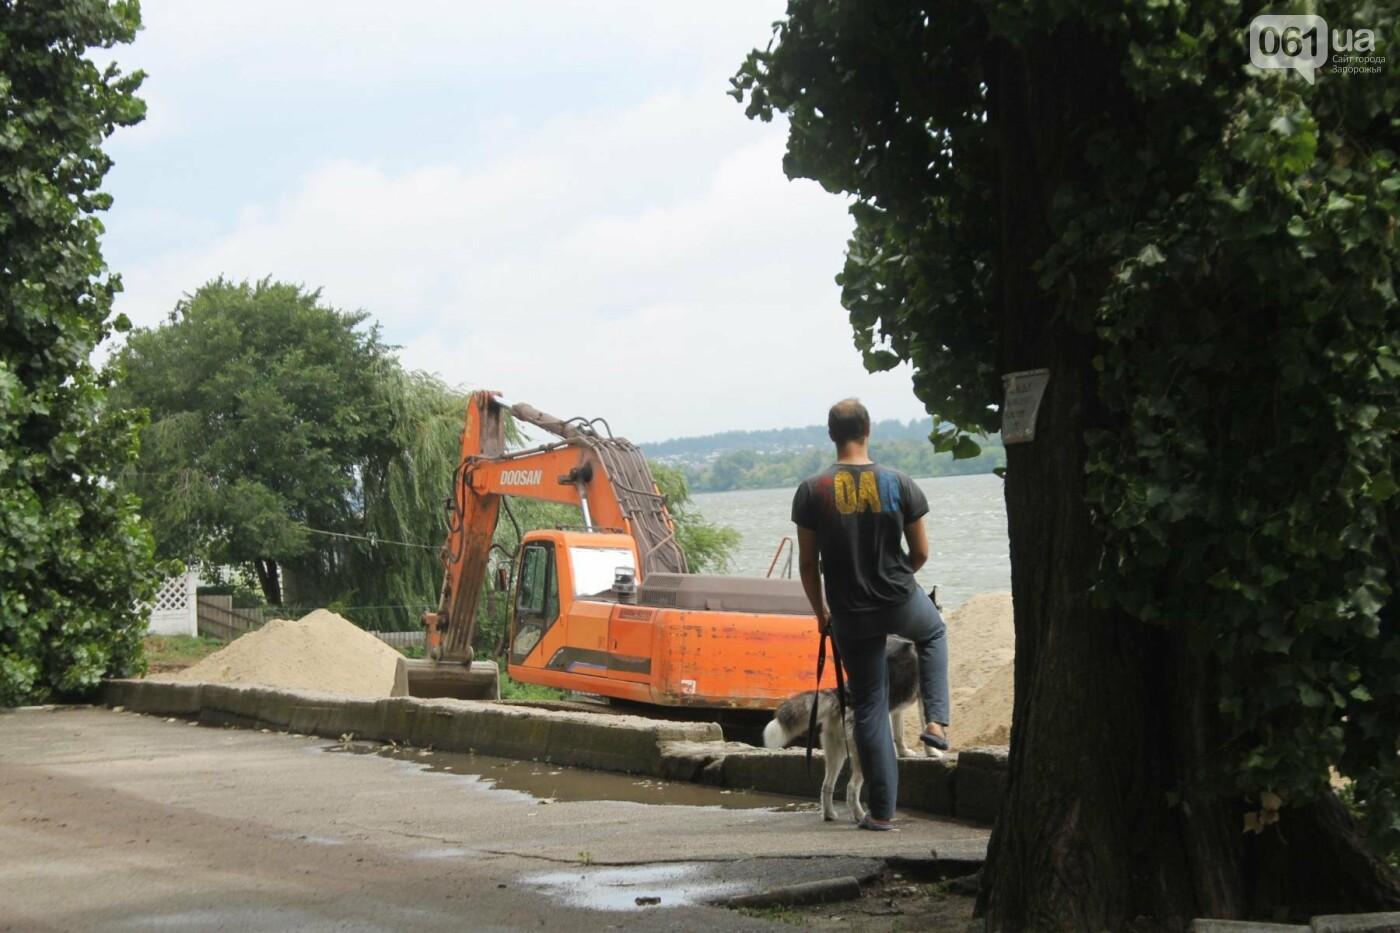 В Запорожье началась реконструкция Правобережного пляжа, – ФОТОРЕПОРТАЖ, фото-1